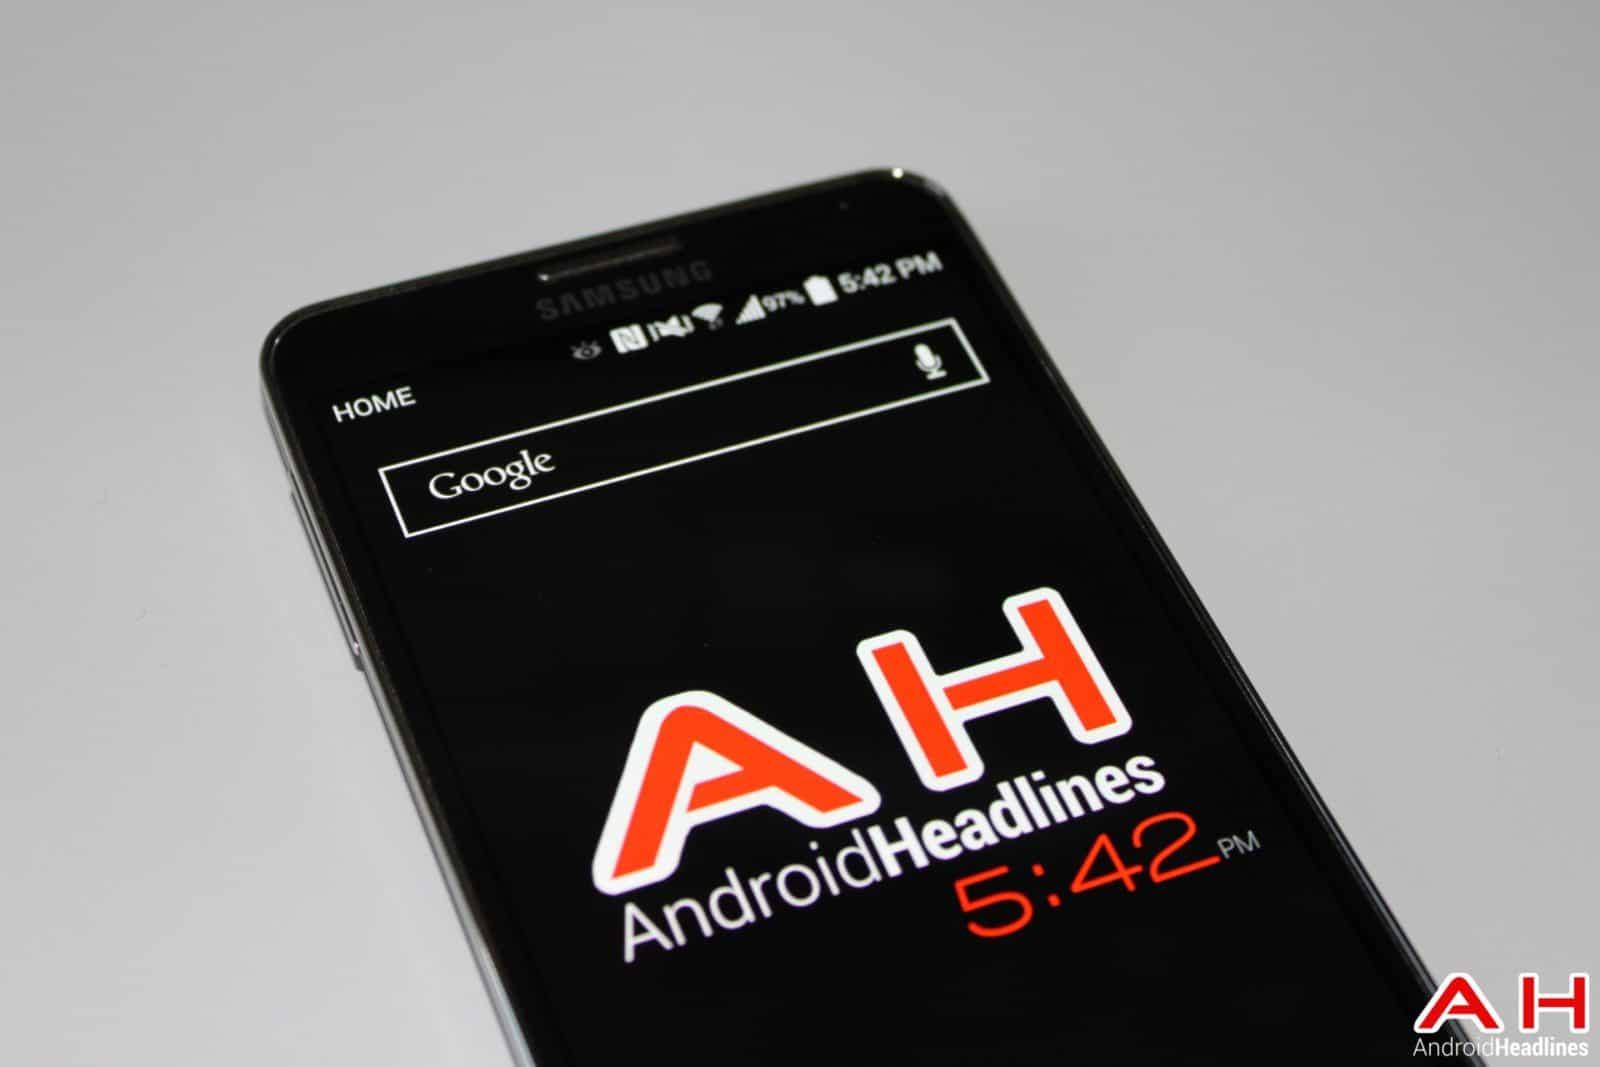 AH Logo Galaxy Note 3 1.0